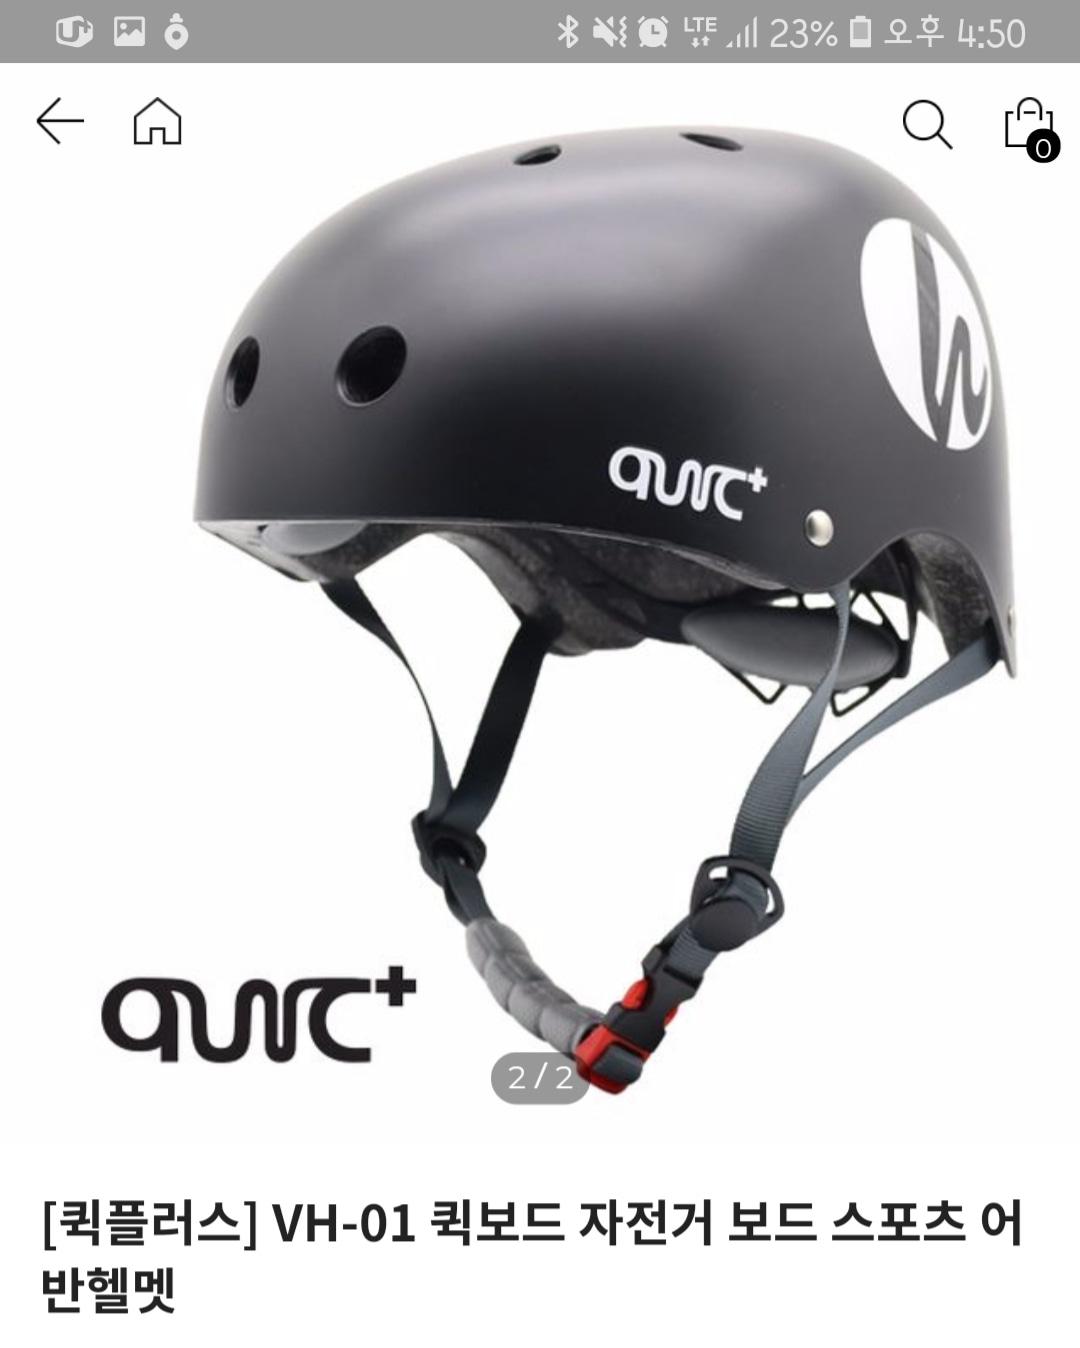 [퀵플러스] 자전거, 퀵보드, 스키 어반 헬멧(새상품)